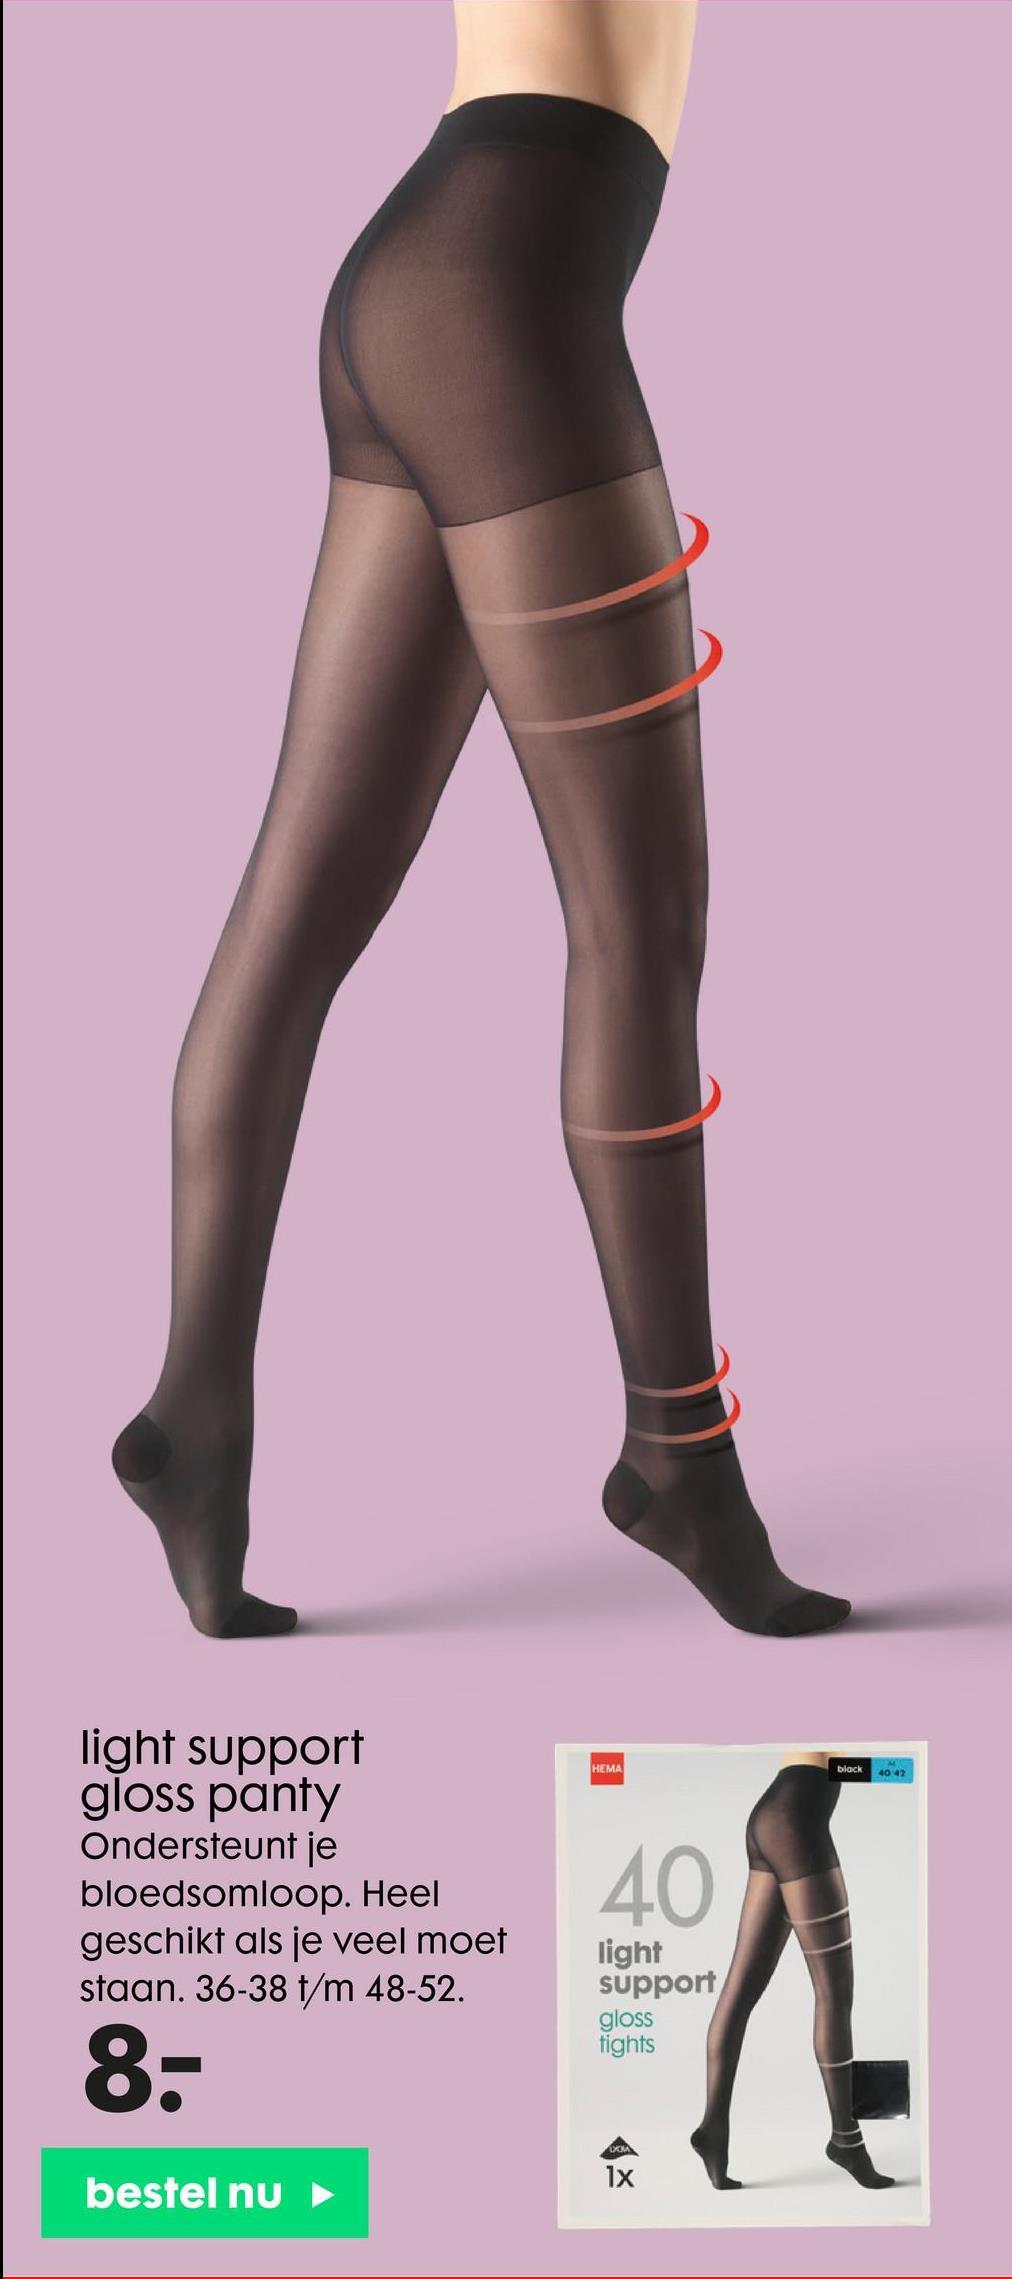 HEMA black 4042 light support gloss panty Ondersteunt je bloedsomloop. Heel geschikt als je veel moet staan. 36-38 t/m 48-52. 40 light support gloss tights 8- 1x bestel nu